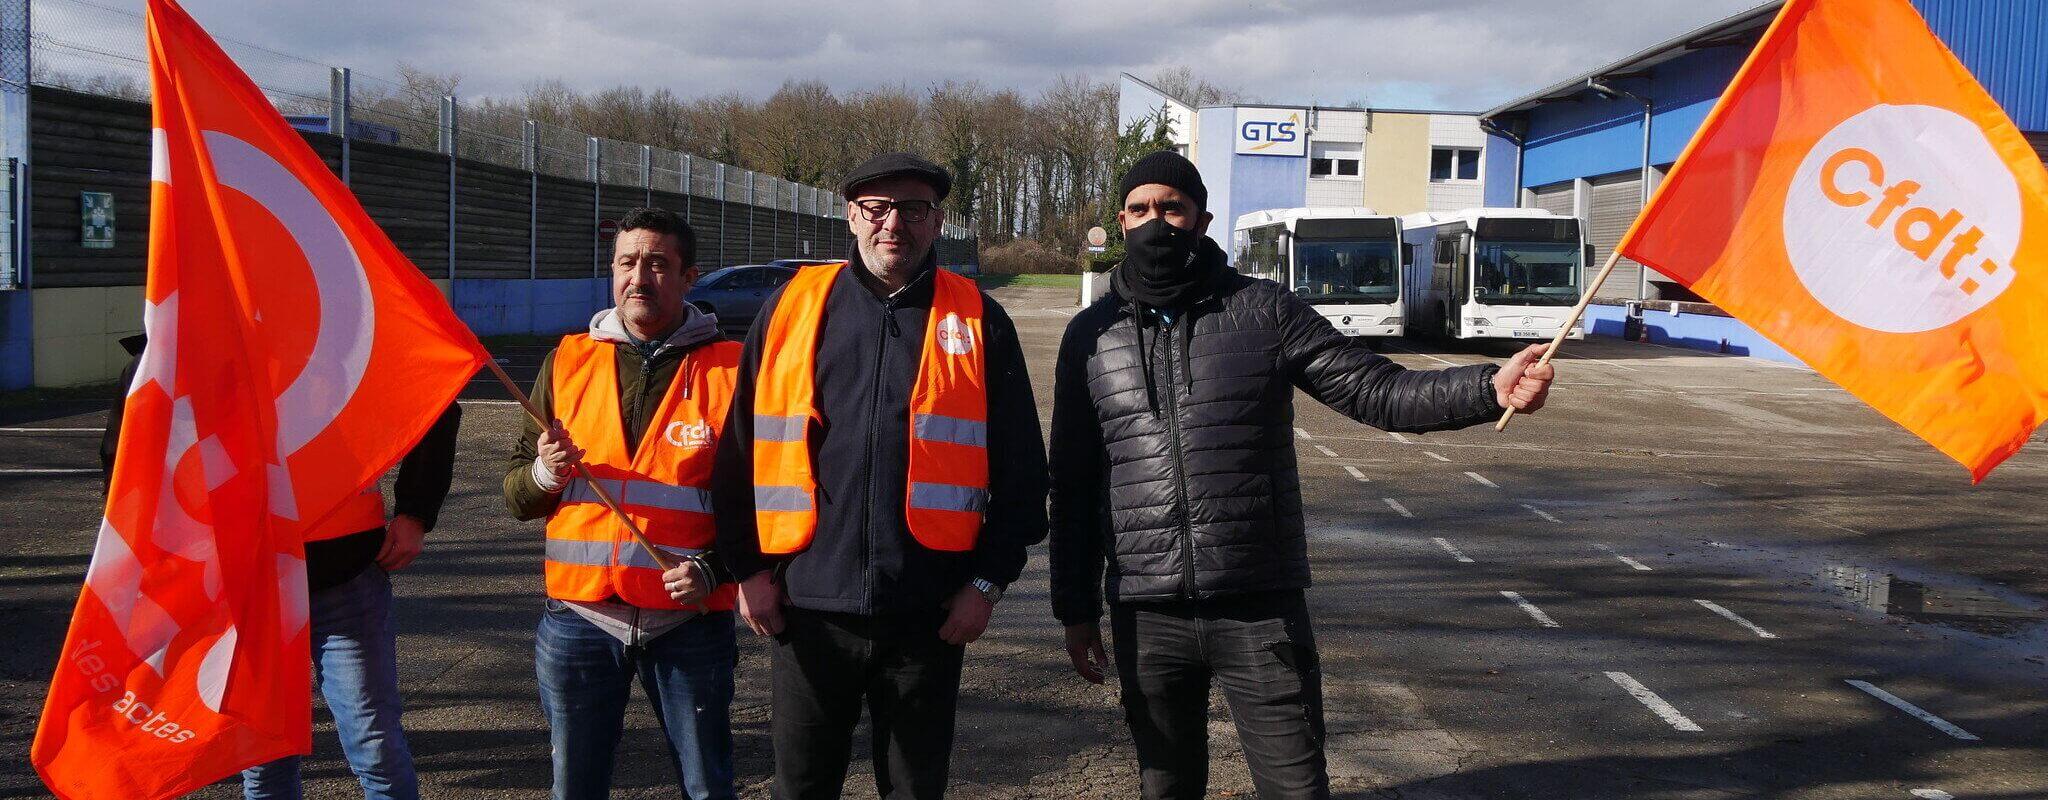 Après un accord, les conducteurs de bus du sous-traitant de la CTS mettent fin à leur grève